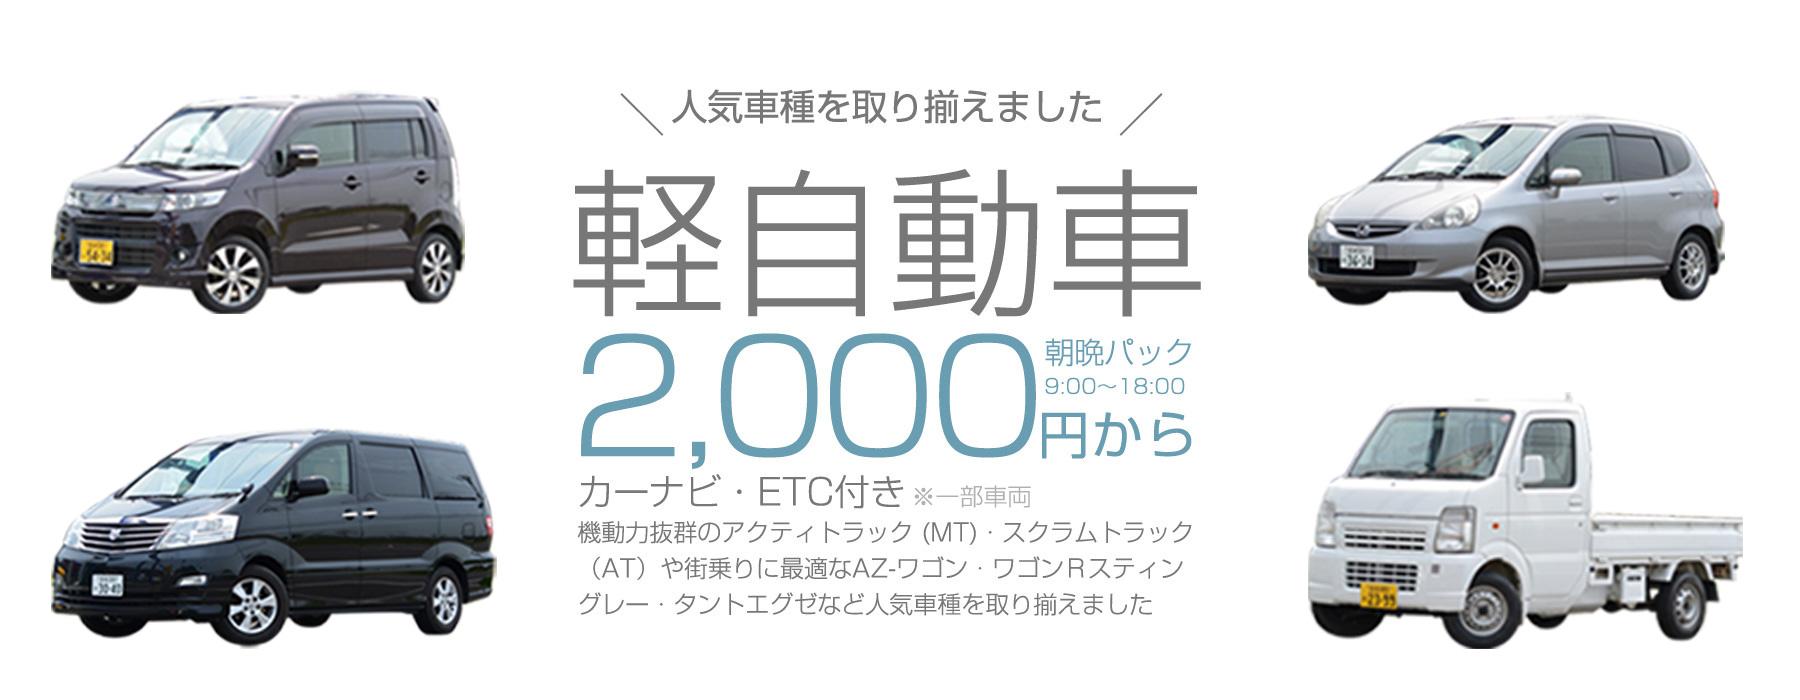 軽自動車2,000円から